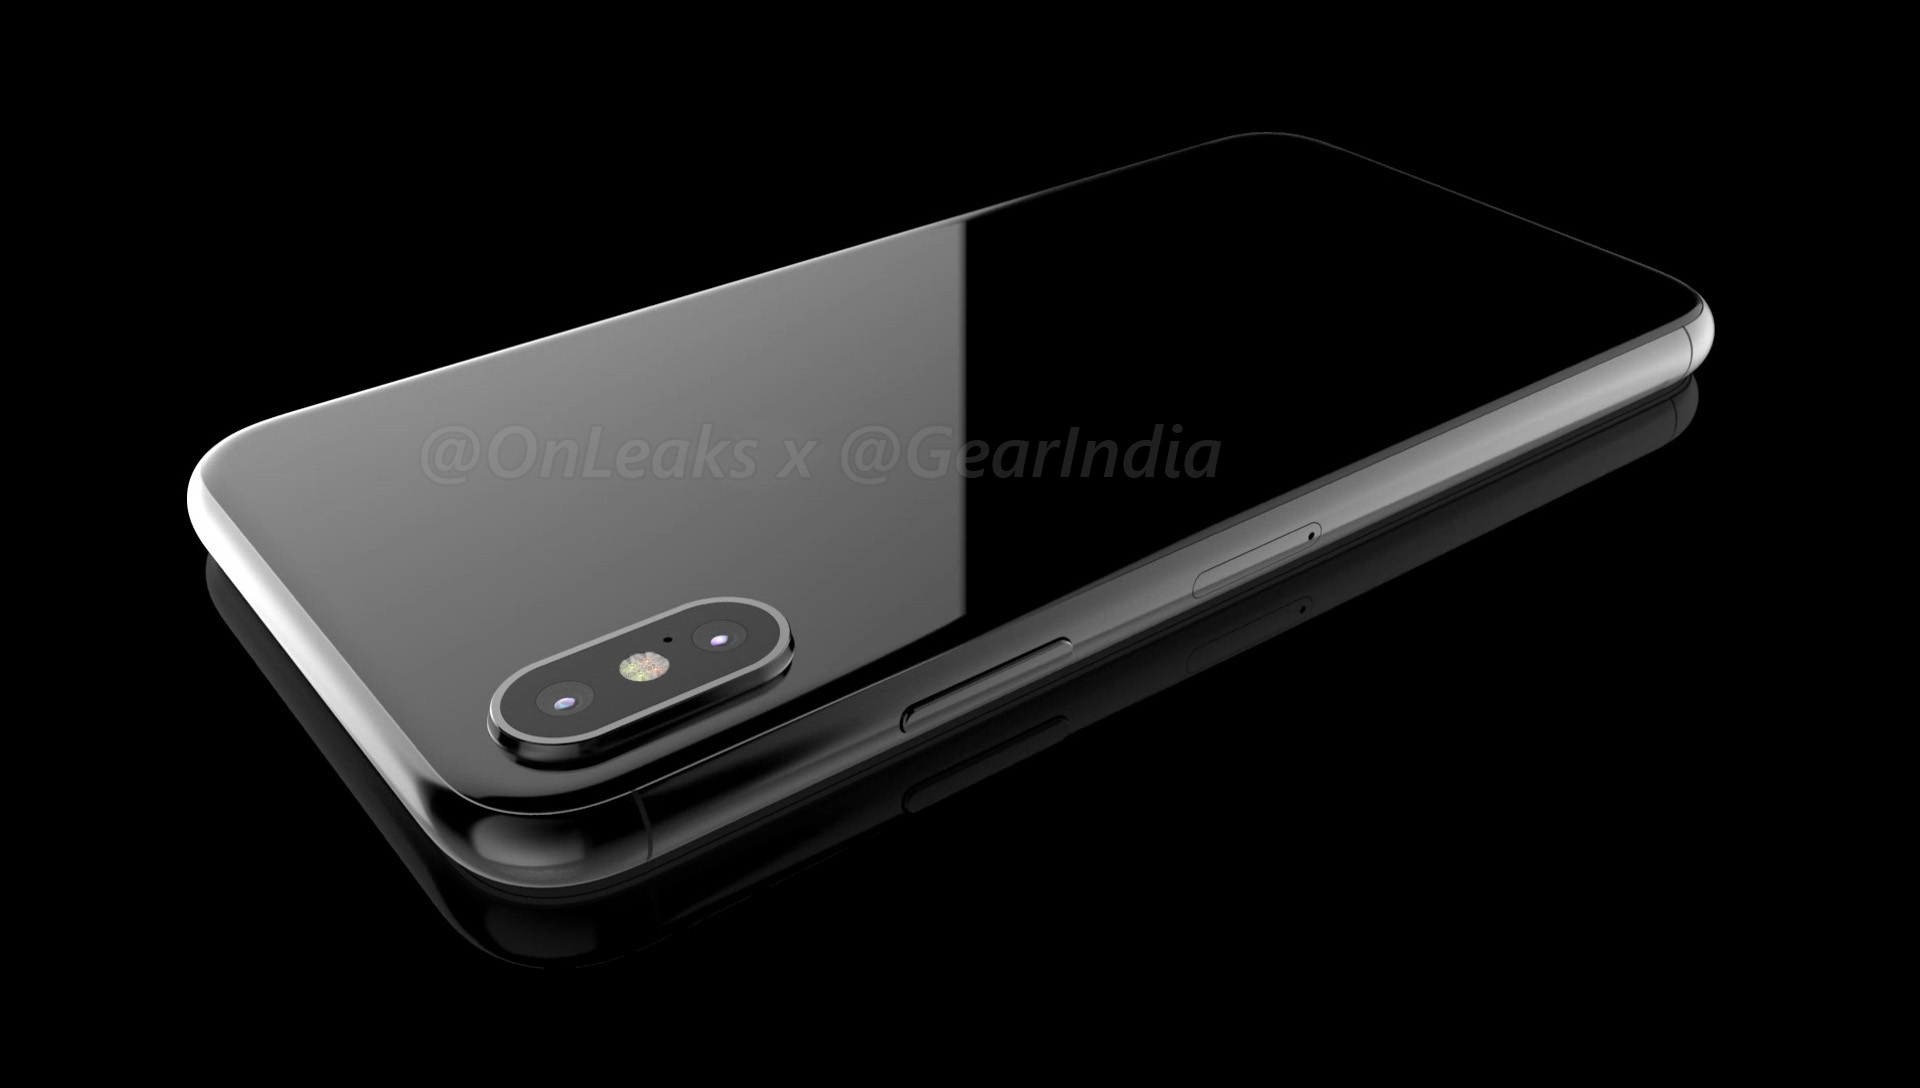 Сливной бачок: в сети появились новые эскизы iPhone 8